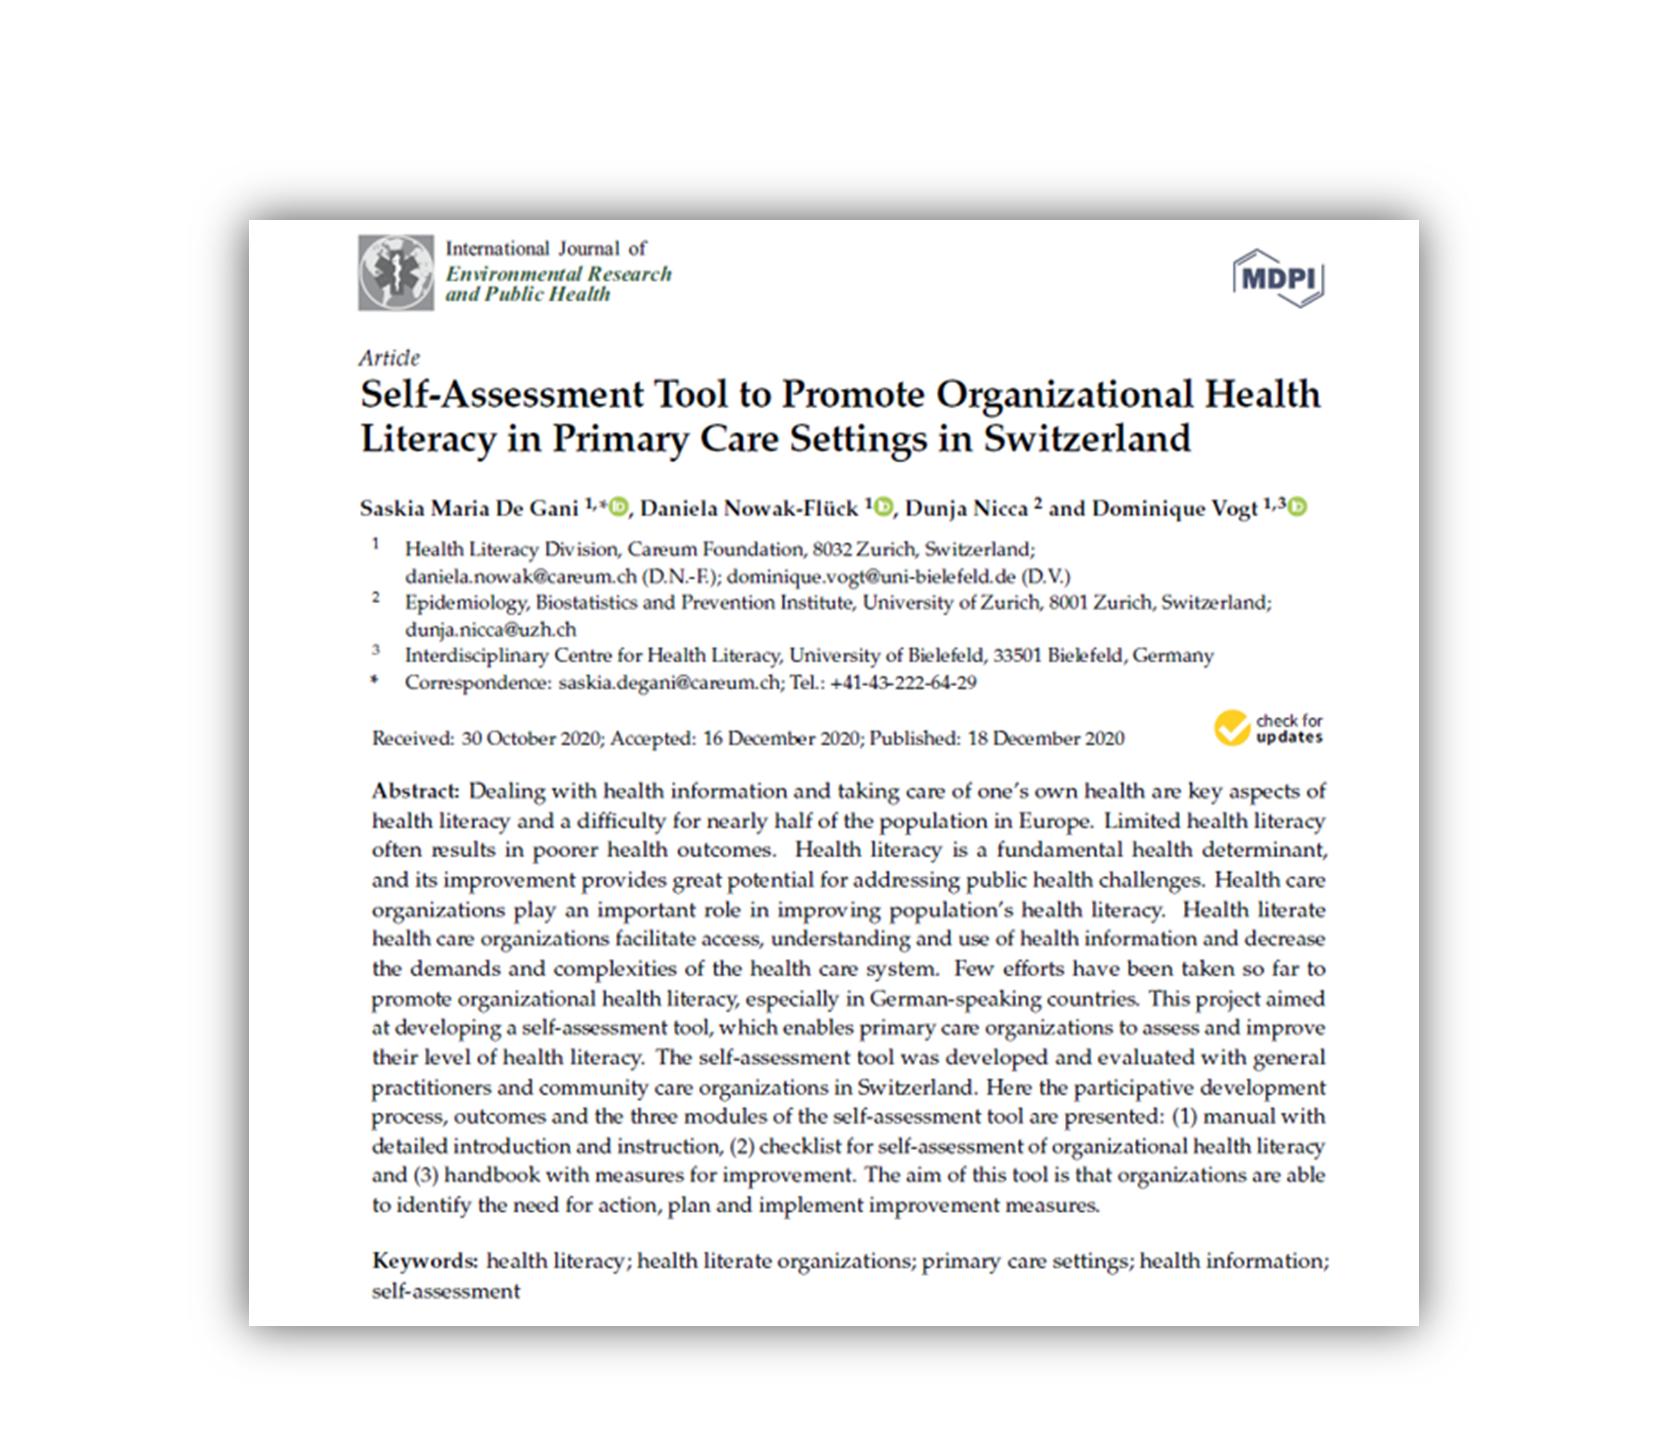 Artikel zu organisationaler Gesundheitskompetenz erschienen